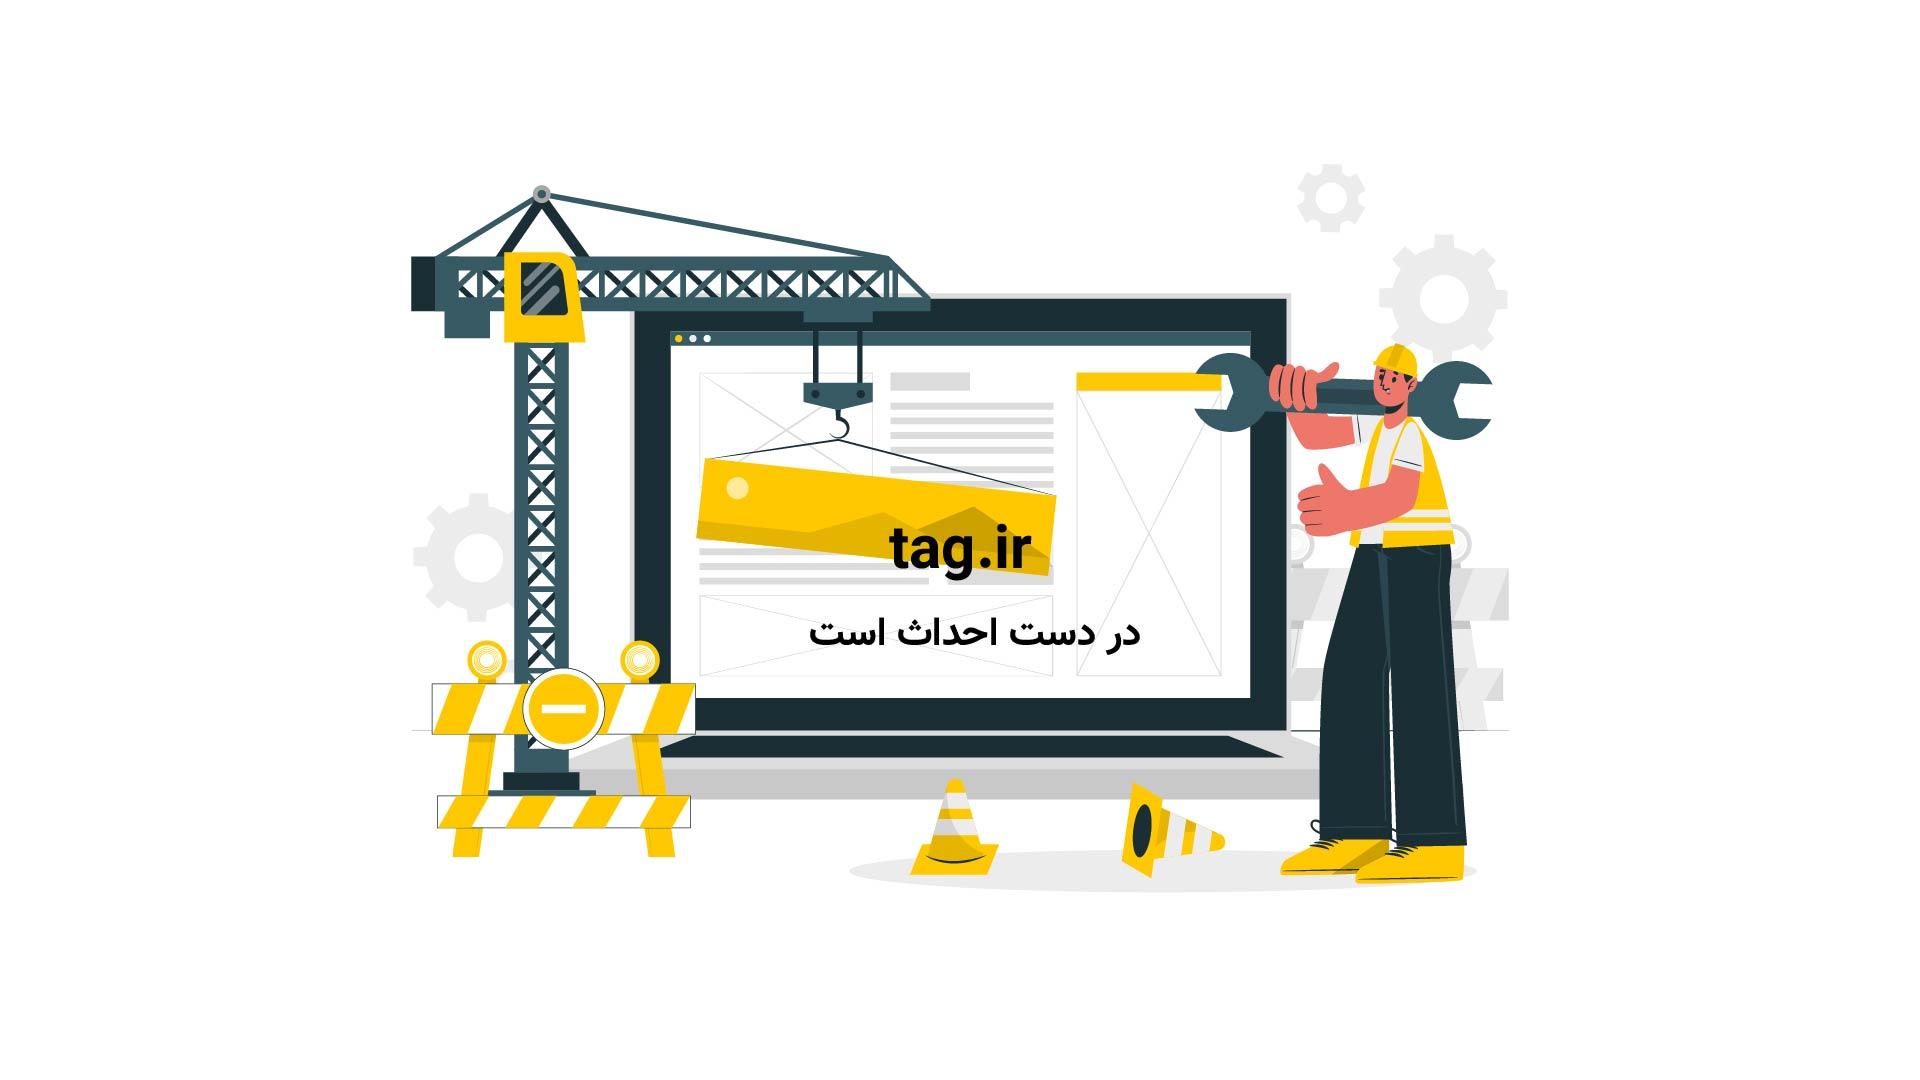 کفتارها شکار چیتا را تصاحب کردند|تگ